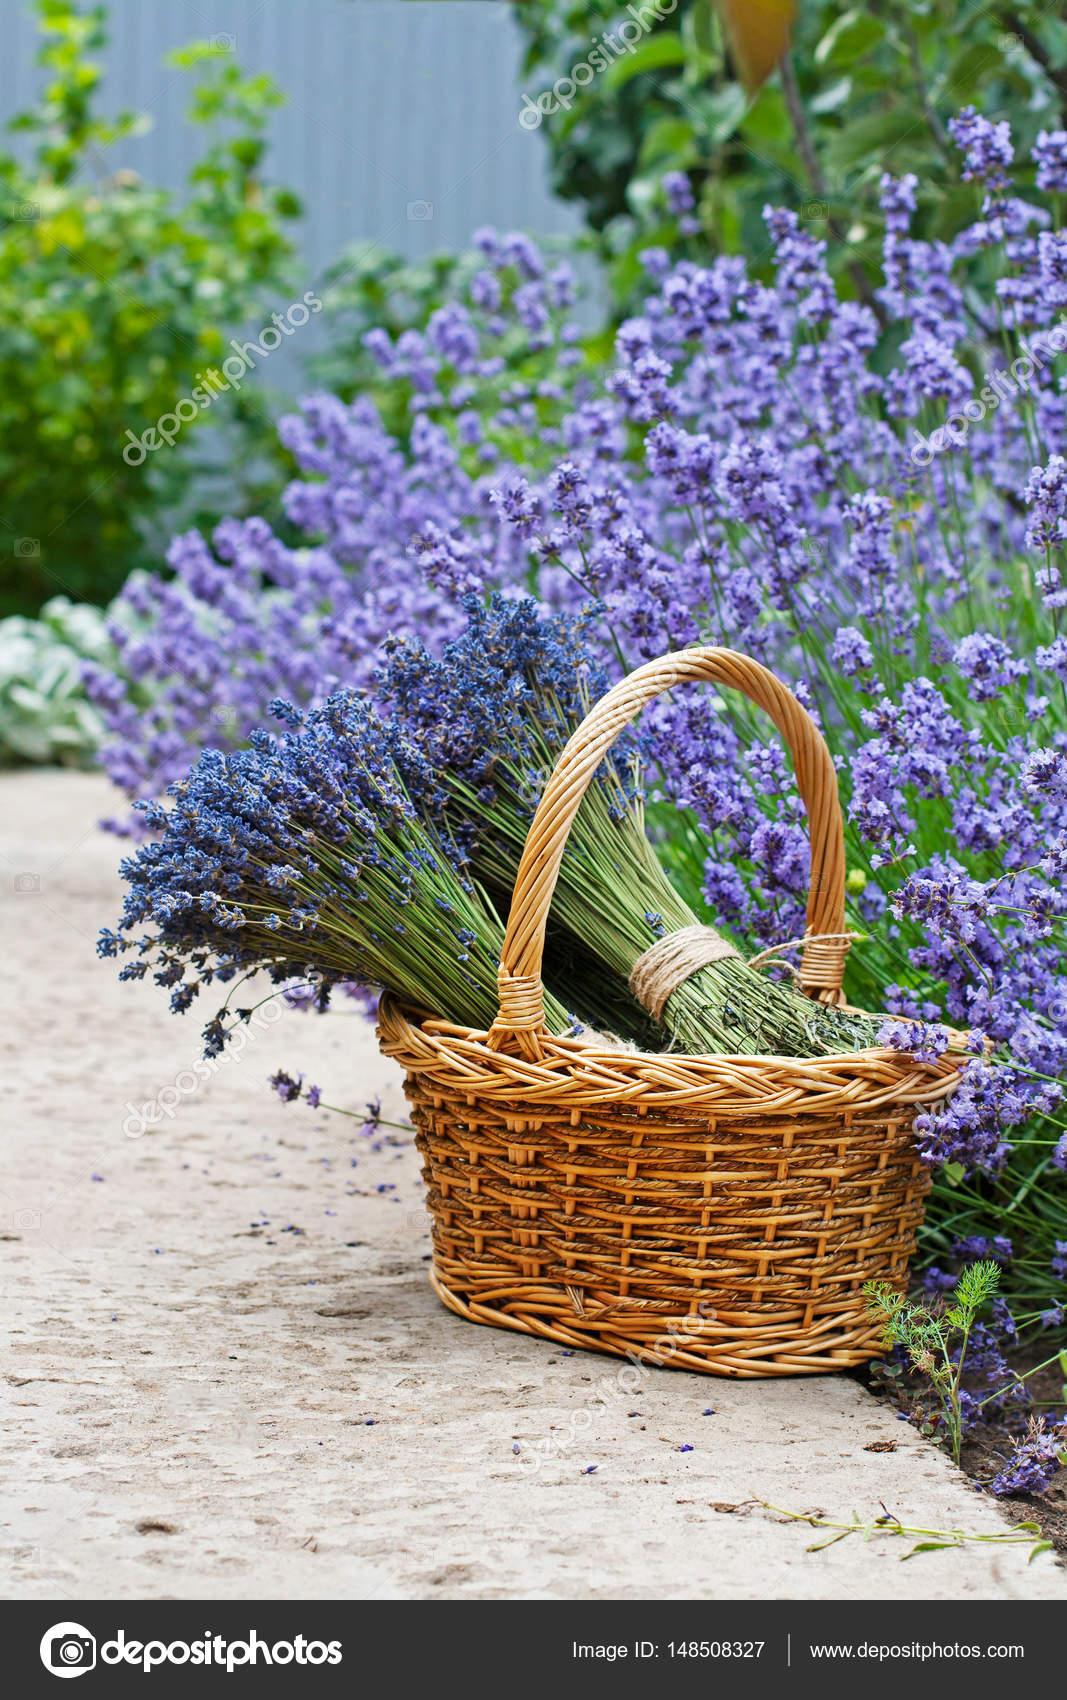 Mazzi di fiori di lavanda in cestino di vimini in giardino foto stock yulyao 148508327 - Fiori di giardino foto ...